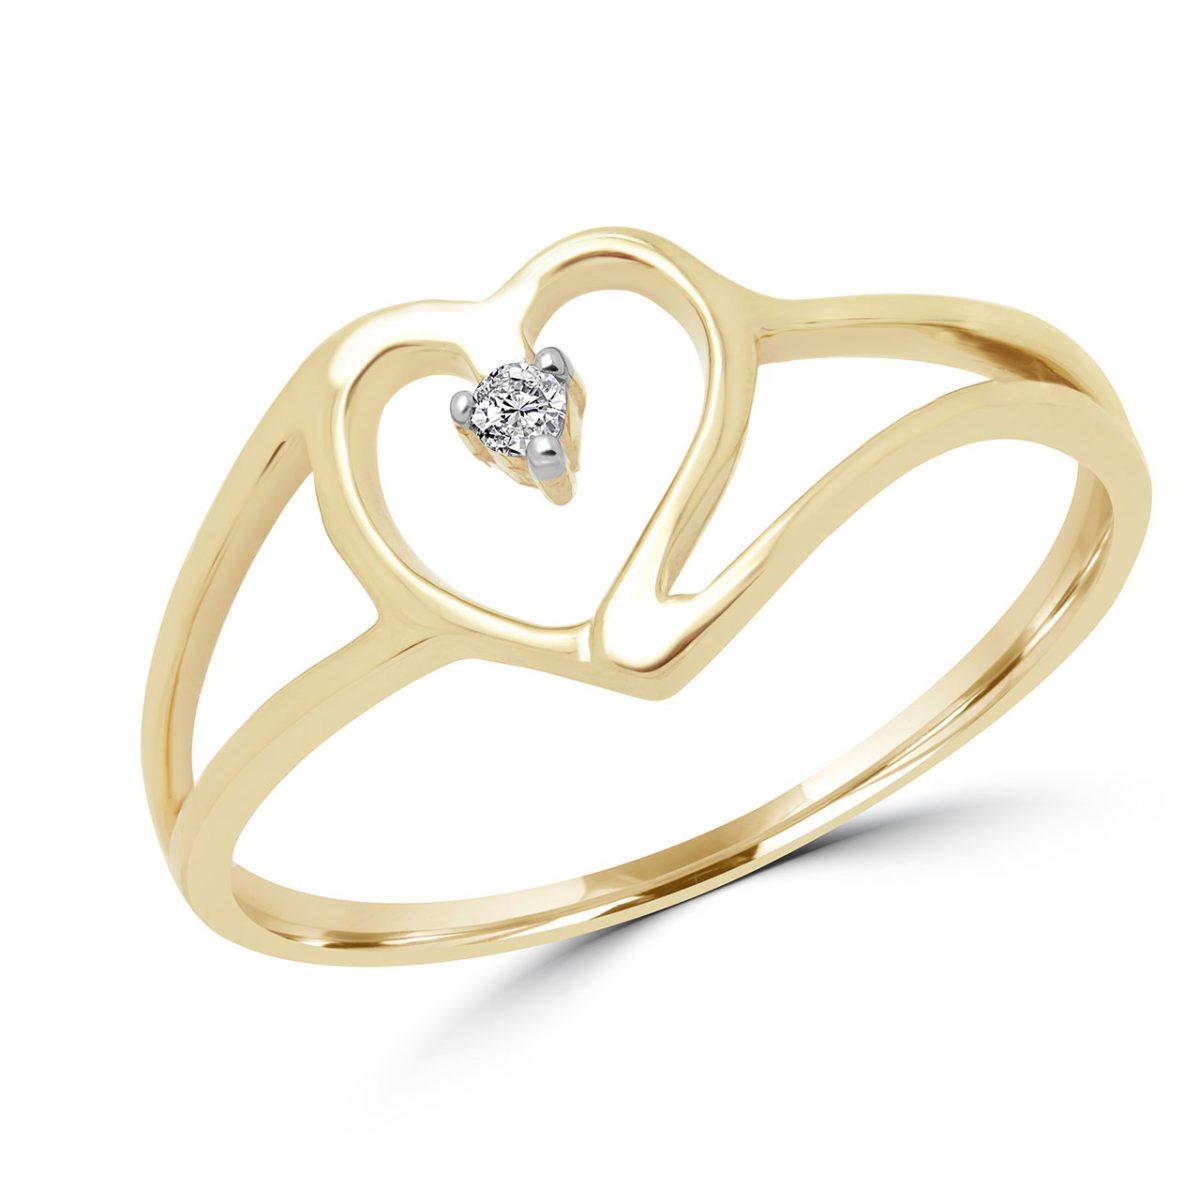 bcebc088bc4c Anillo de promesa con el corazón de diamante 0.02 ct diamante 10k oro  amarillo